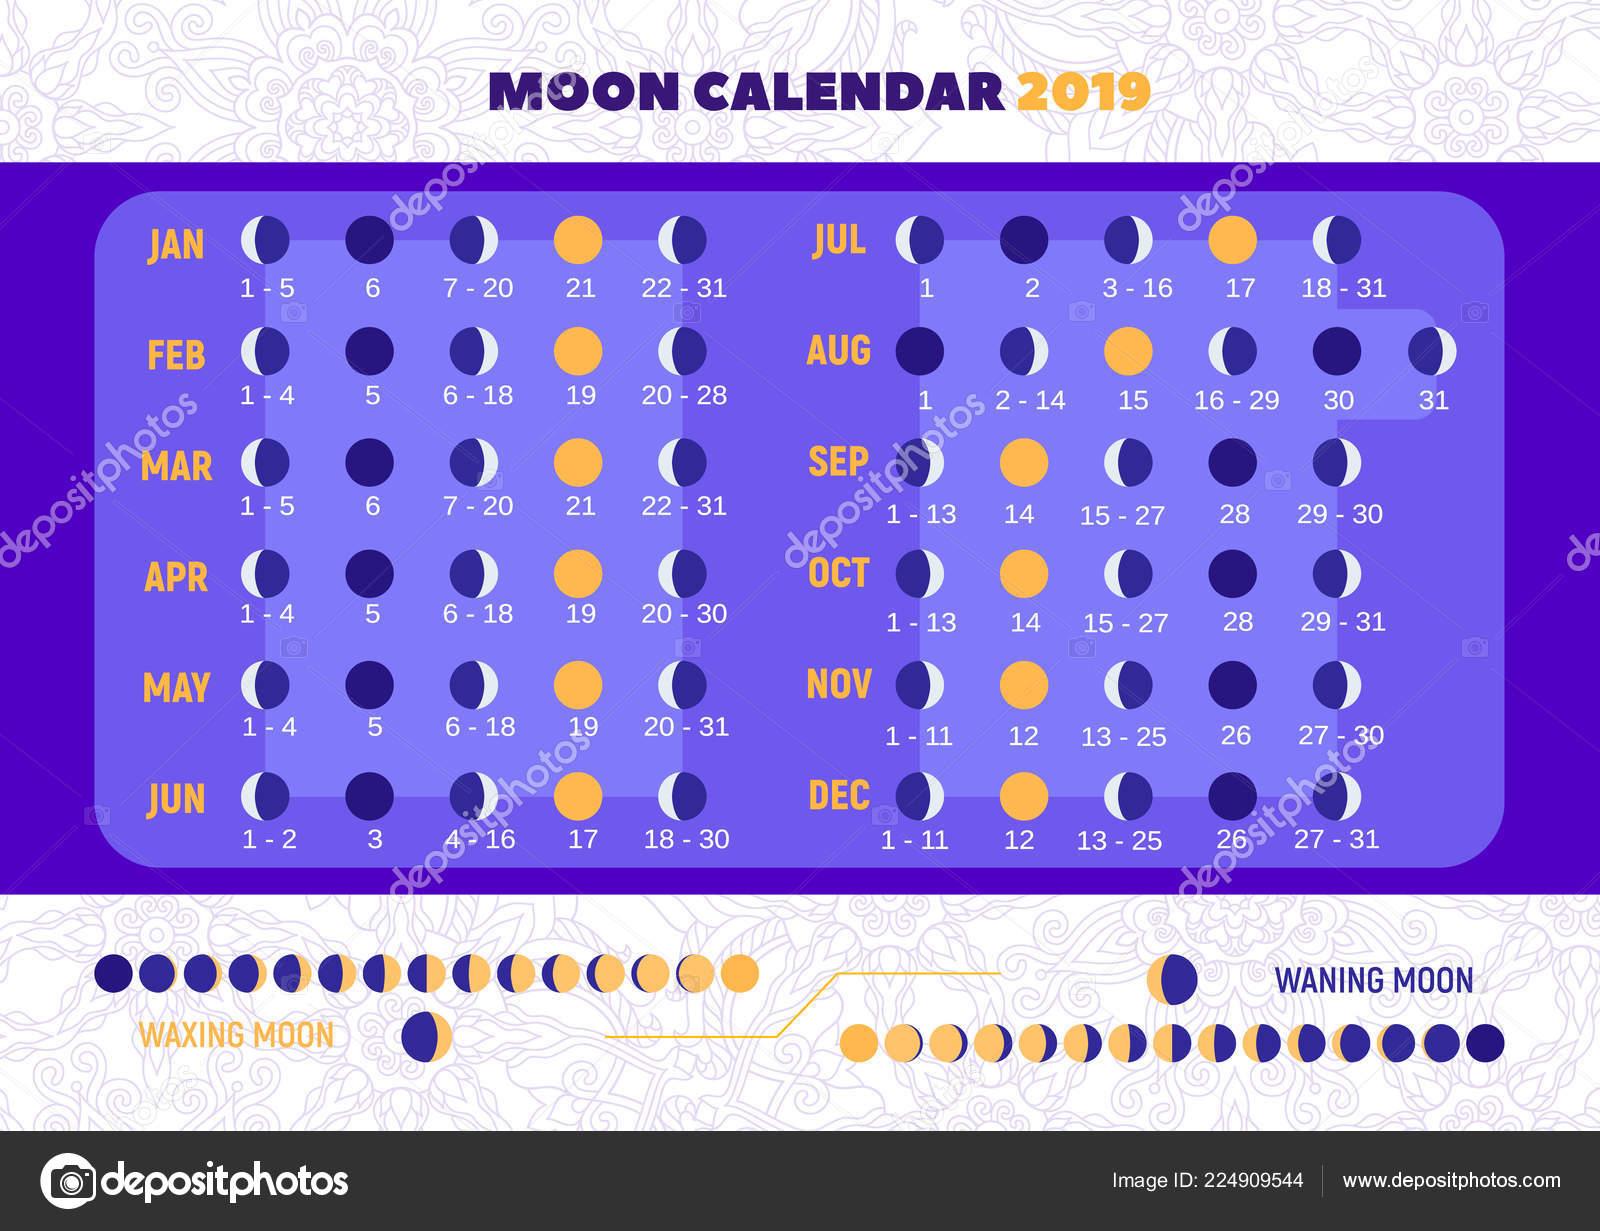 Simboli Luna Calendario.Calendario Della Luna 2019 Illustrazione Vettore Stile Piano